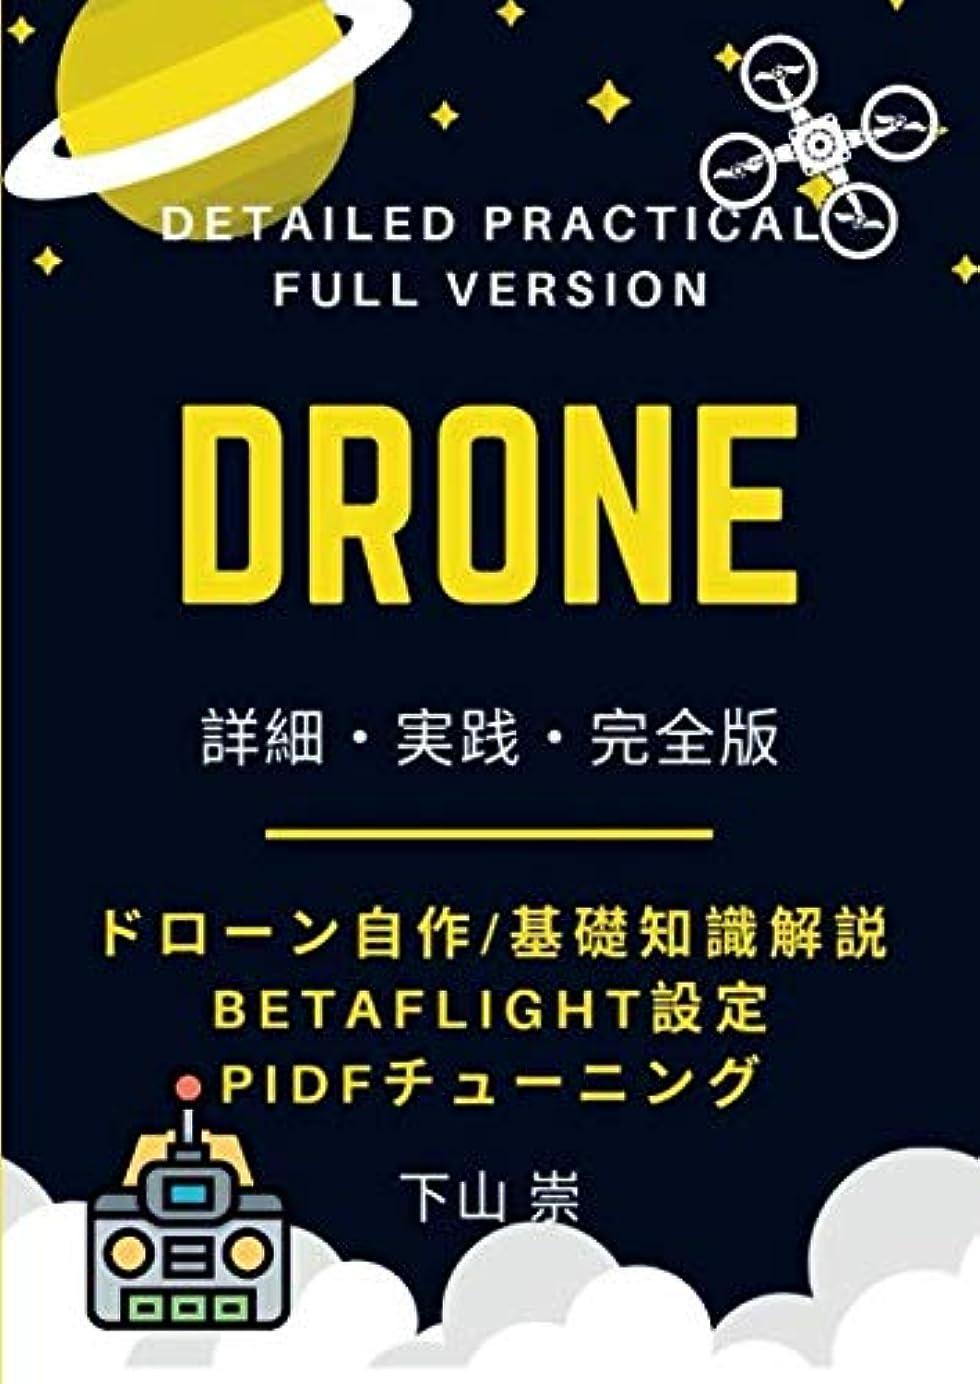 既婚ペース句読点DRONE: ドローンの基礎知識解説から組み立て、BetaFlight設定、PIDFチューニングまでを完全網羅 第7版 (2019年6月21日改訂)